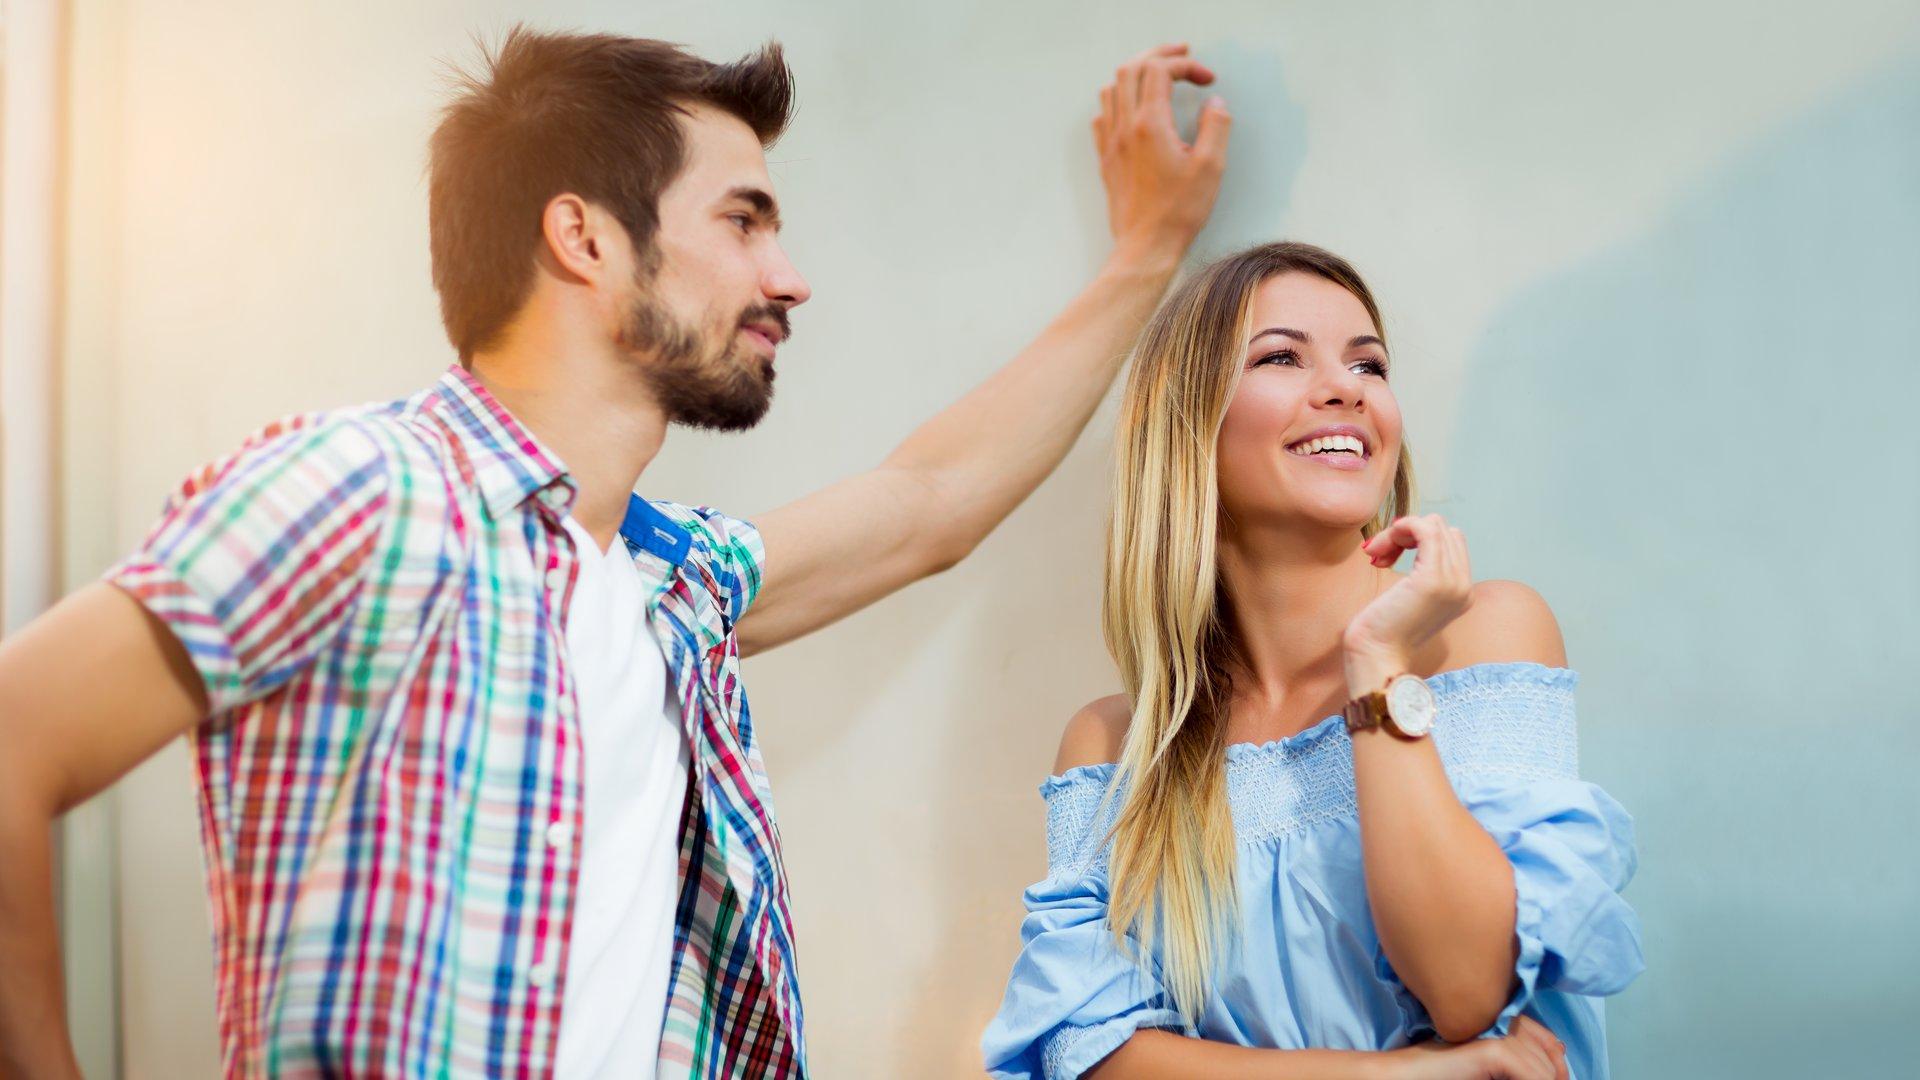 Frauen interesse wenn plötzlich verlieren das Dating: Wenn